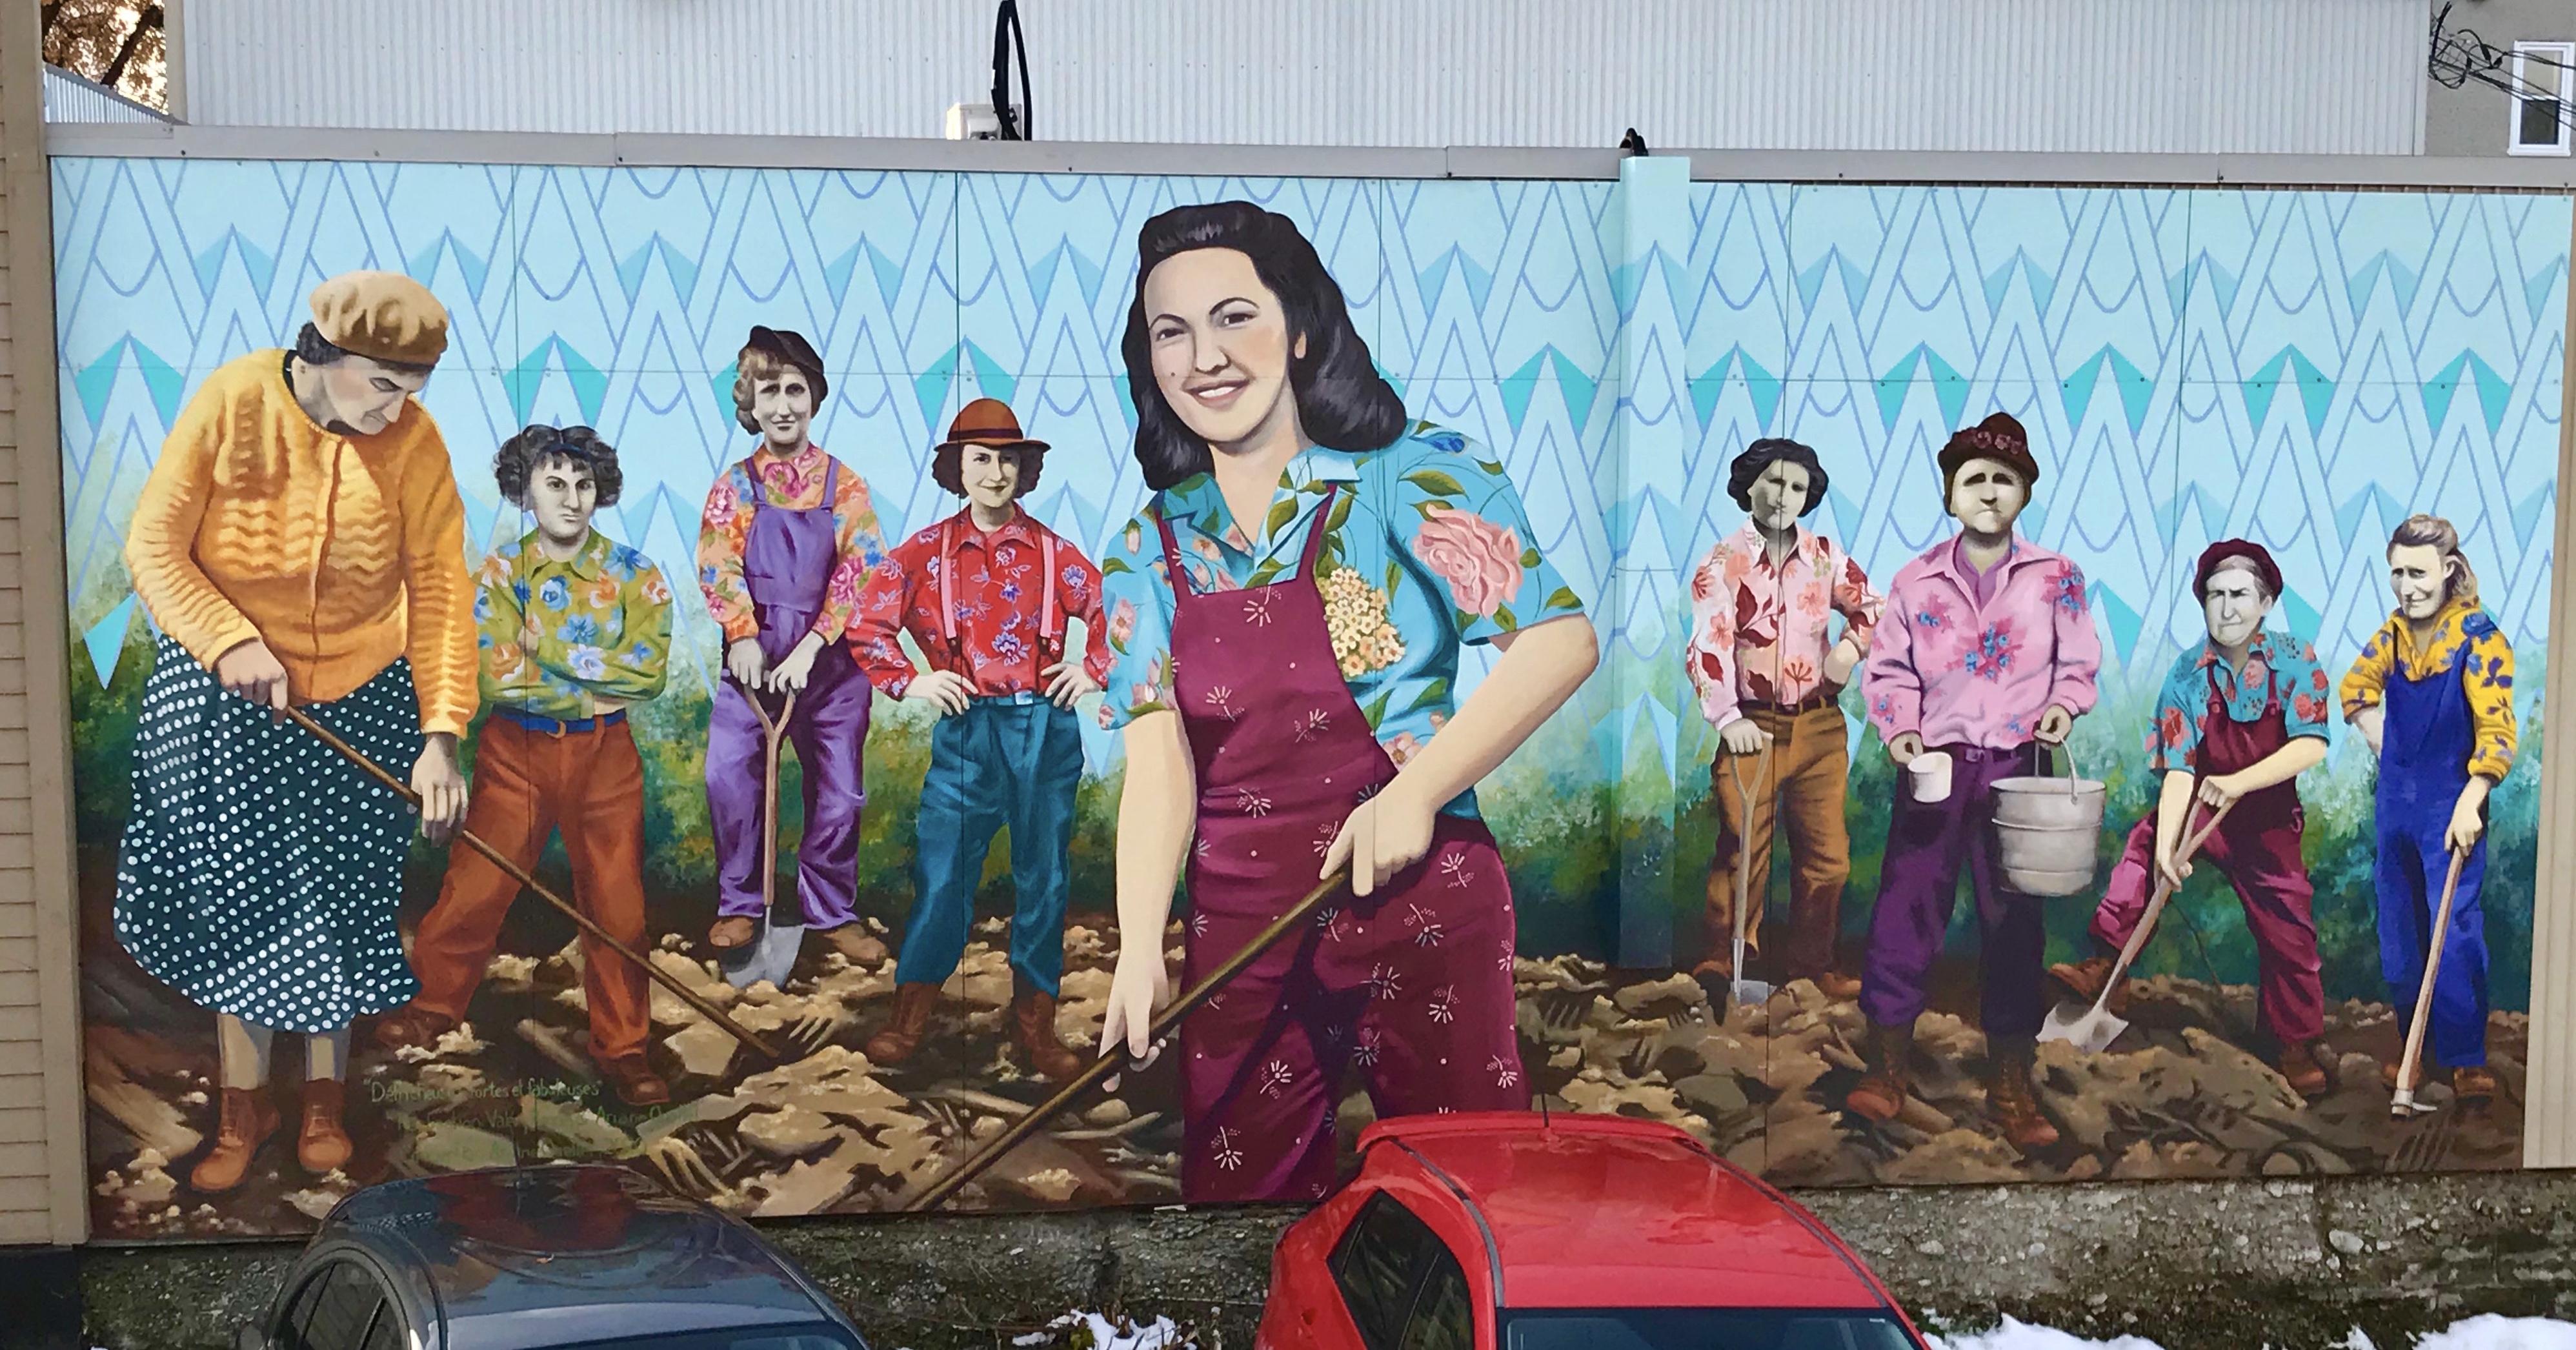 art public murale Abitibi-Témiscamingue